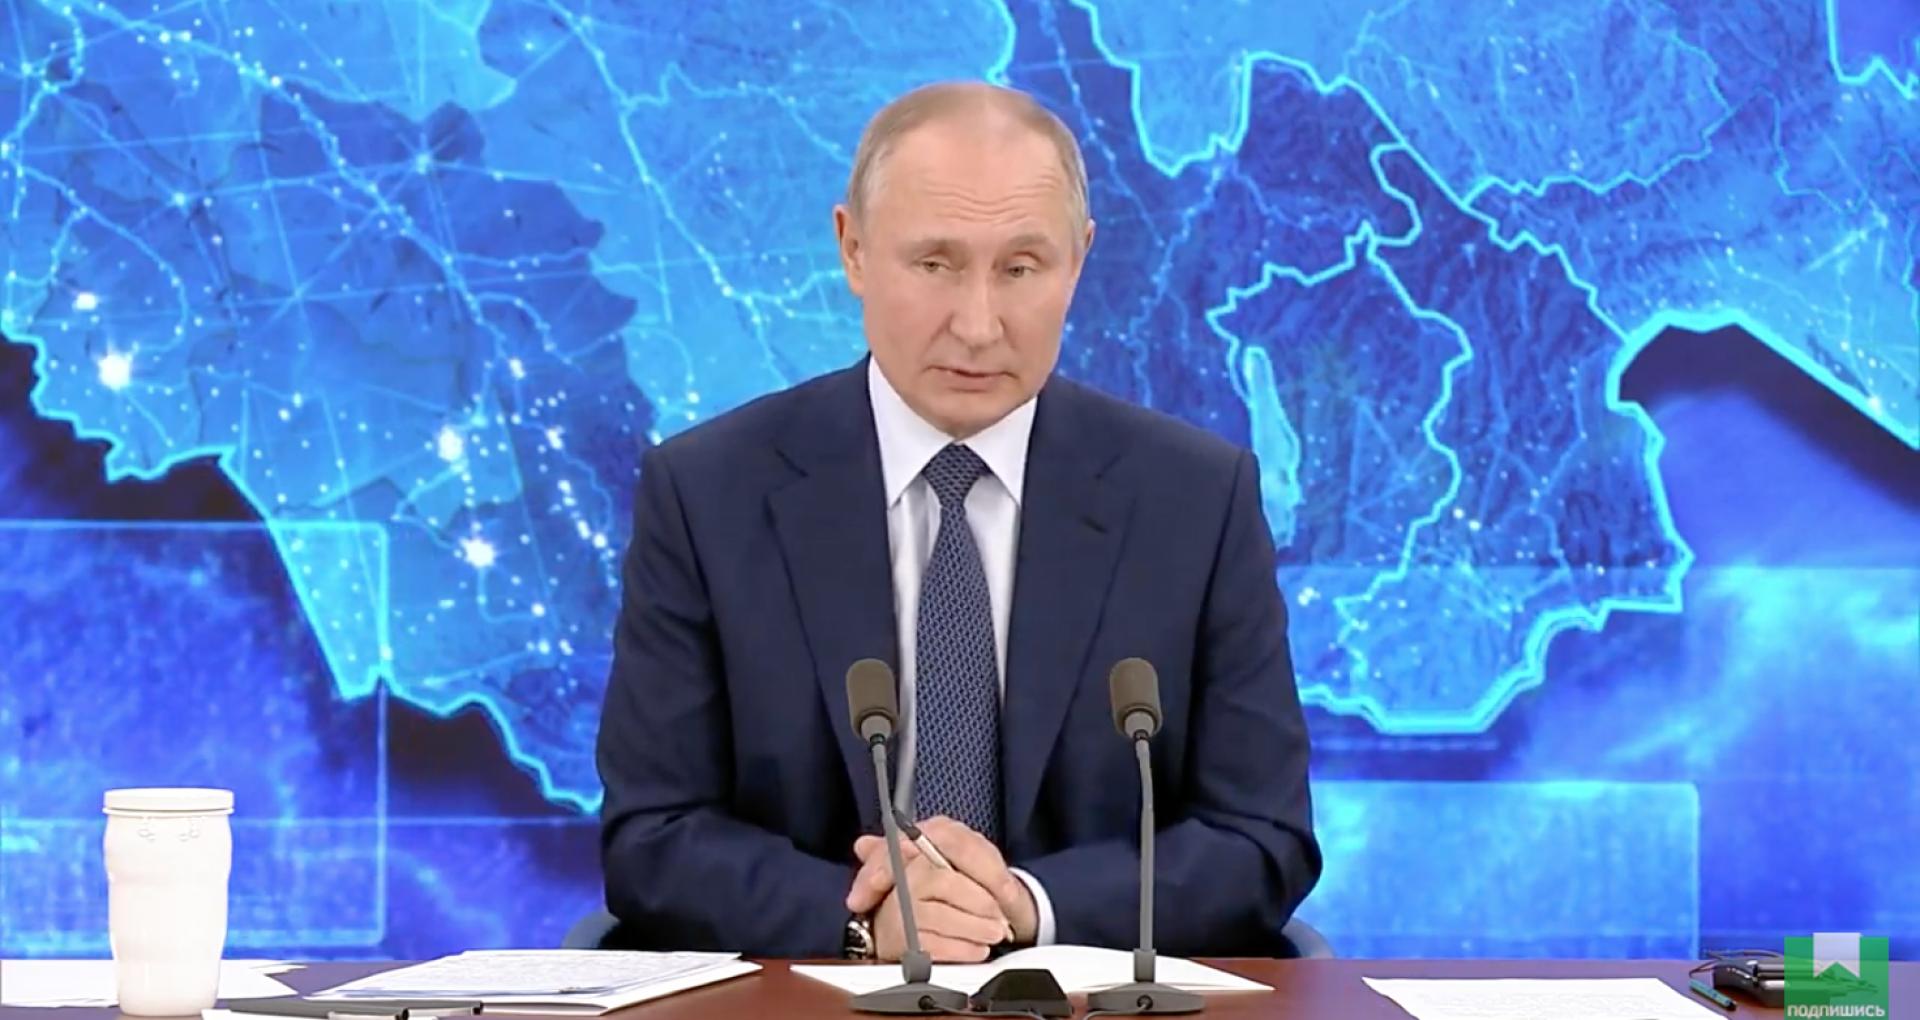 VIDEO/ Vladimir Putin recunoaște că trupele ruse trebuie retrase de pe Nistru, îi urează succes Maiei Sandu, despre care amintește că deține cetățenia română